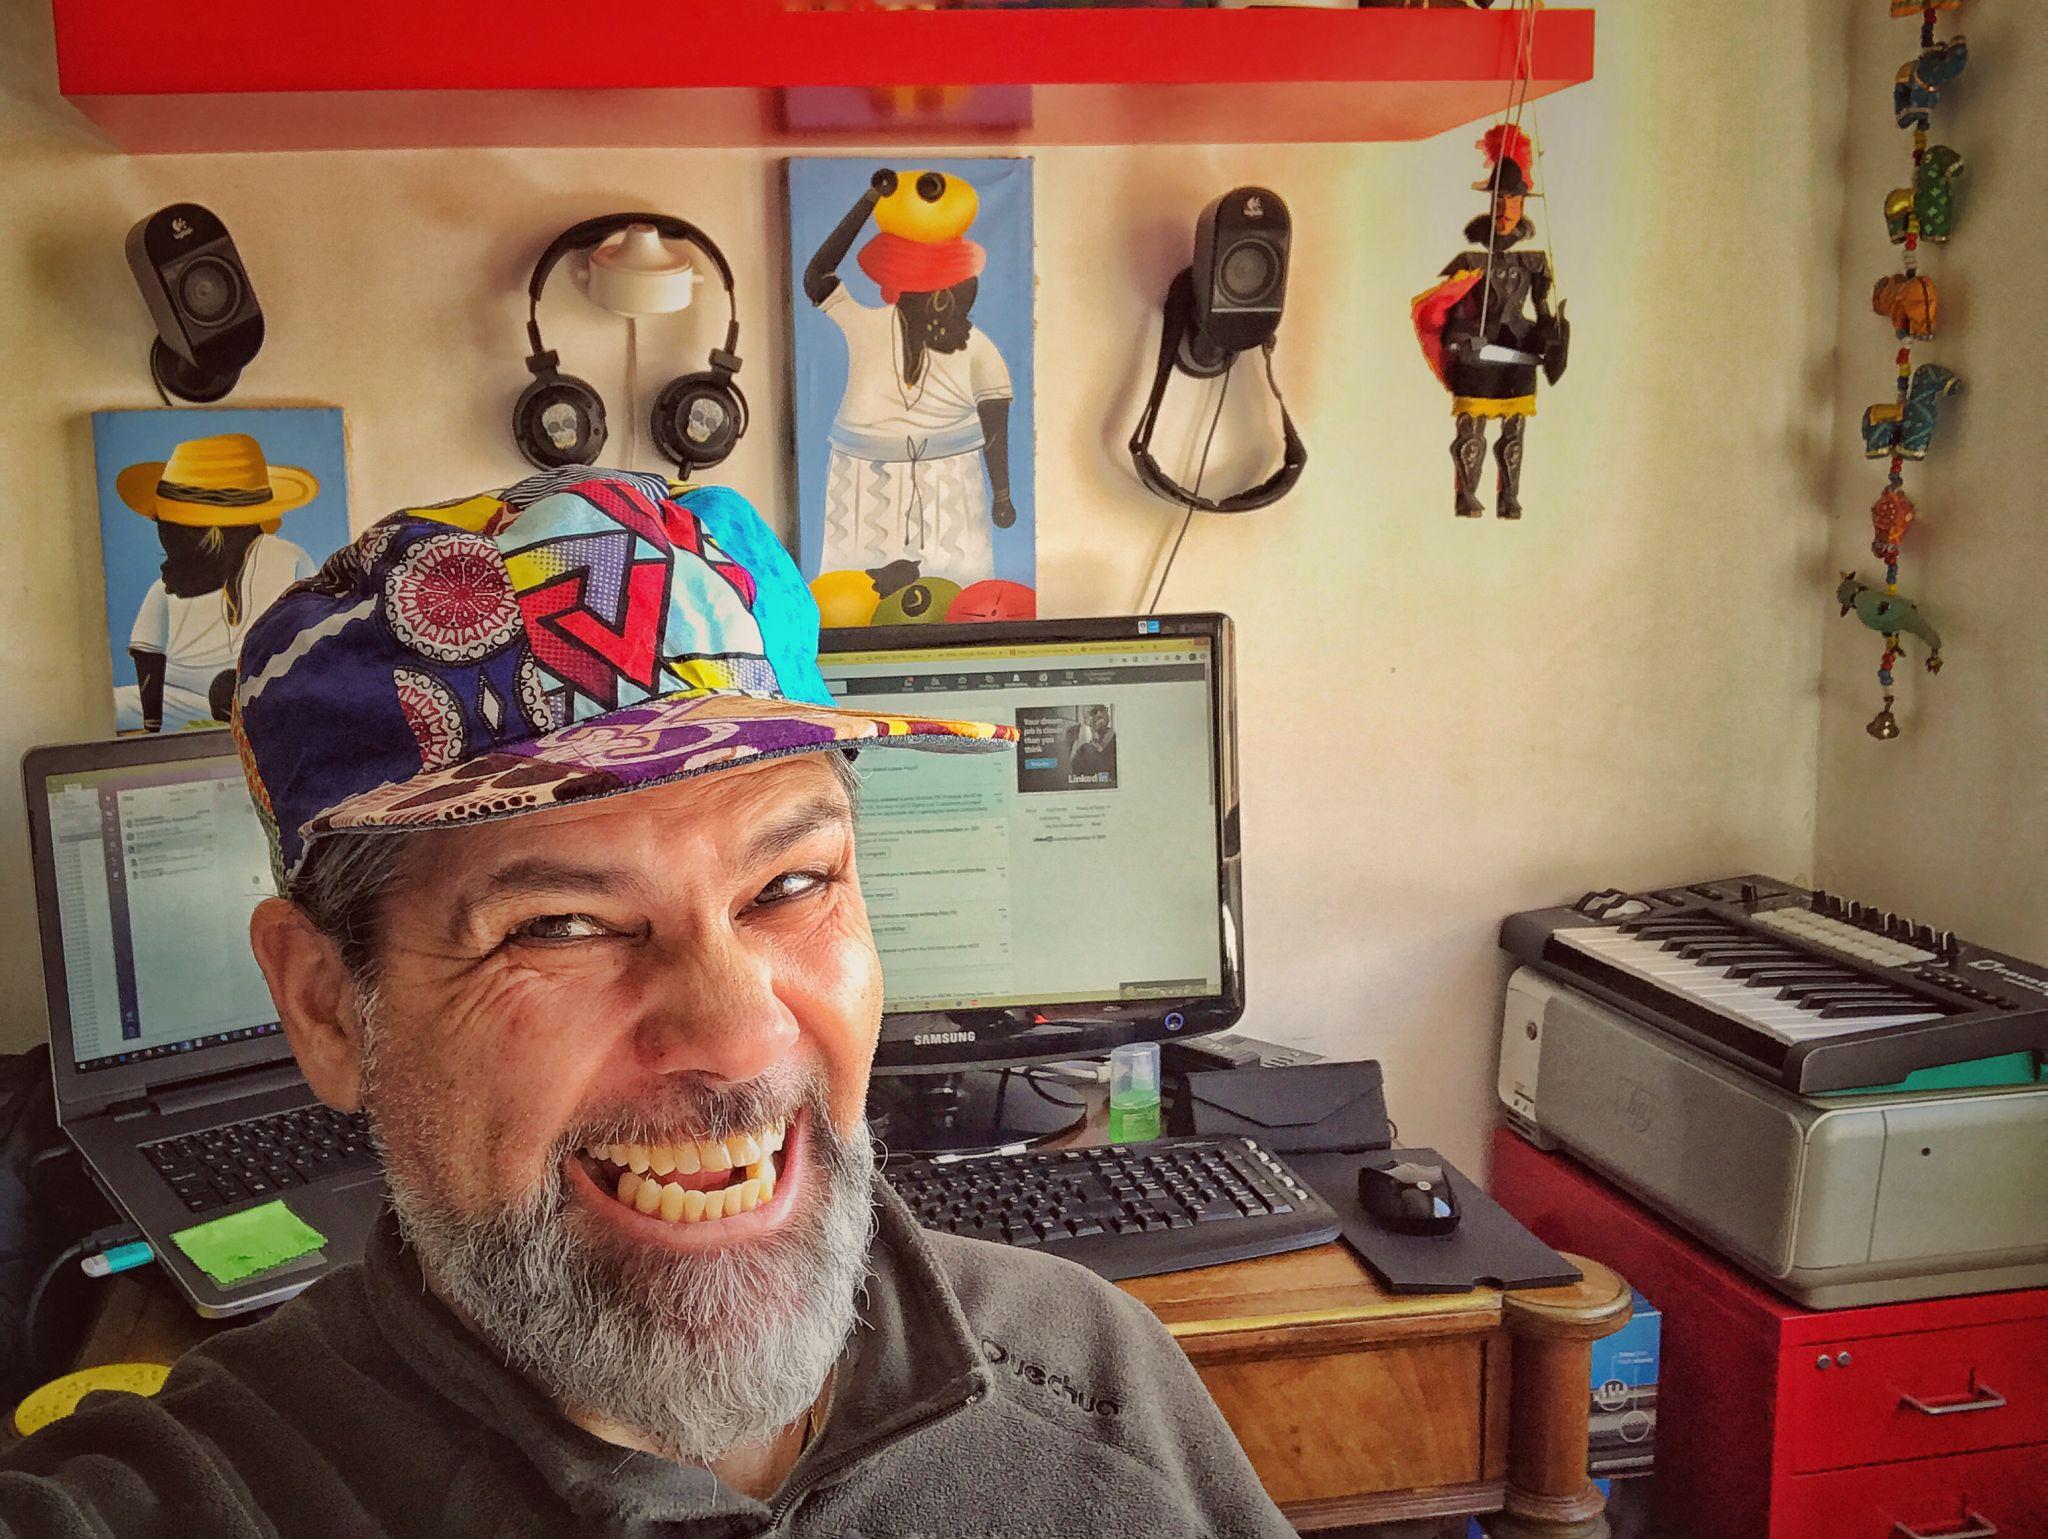 Colaborador da PHC durante a quarentena a trabalhar em casa com objetos africanos